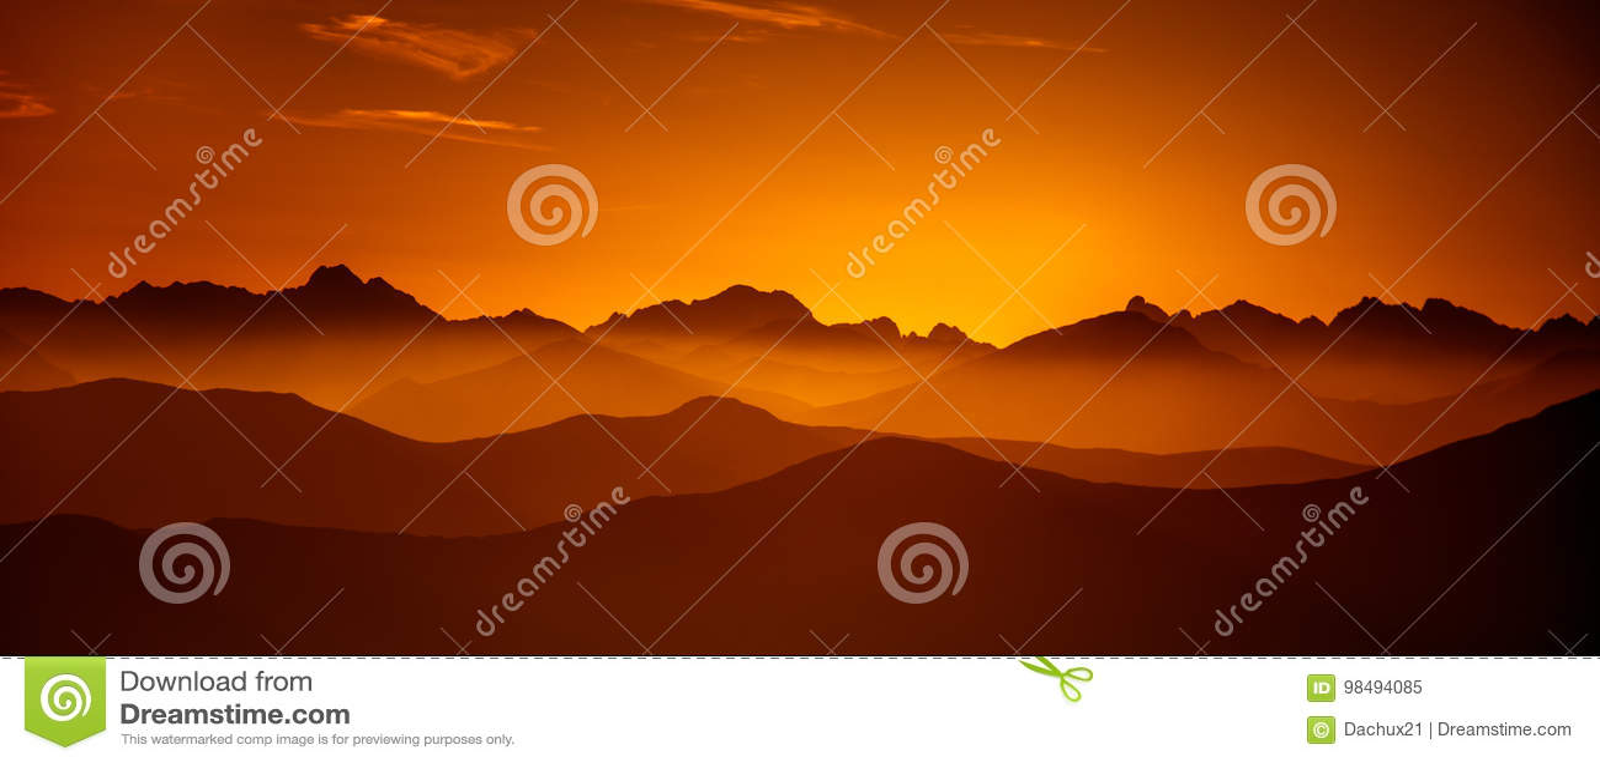 Una bella vista di prospettiva sopra le montagne con una pendenza